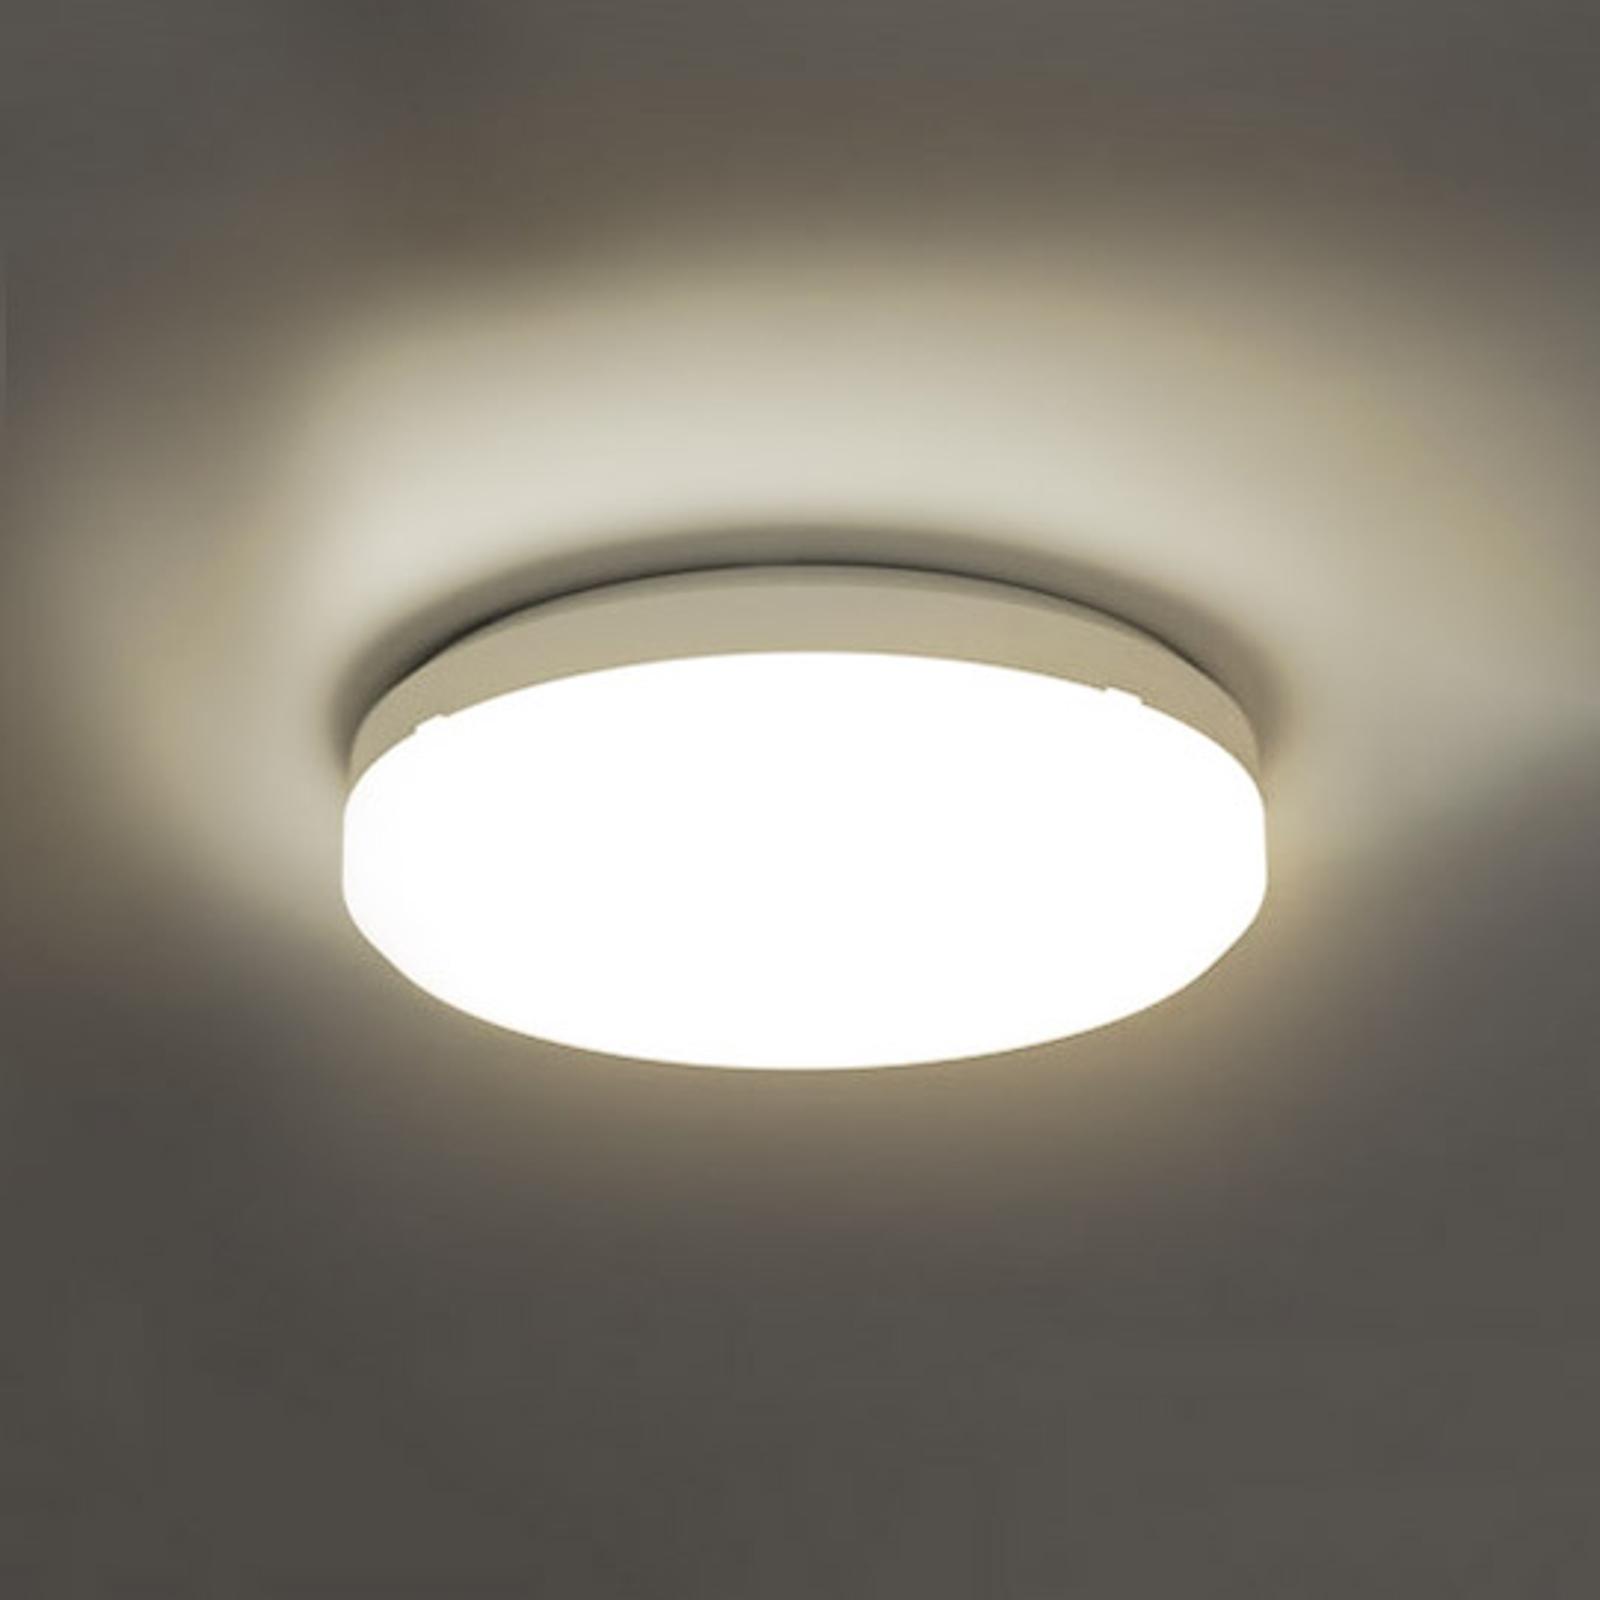 LED-kattovalaisin Sun 15 18W 3000K lämminvalkoinen